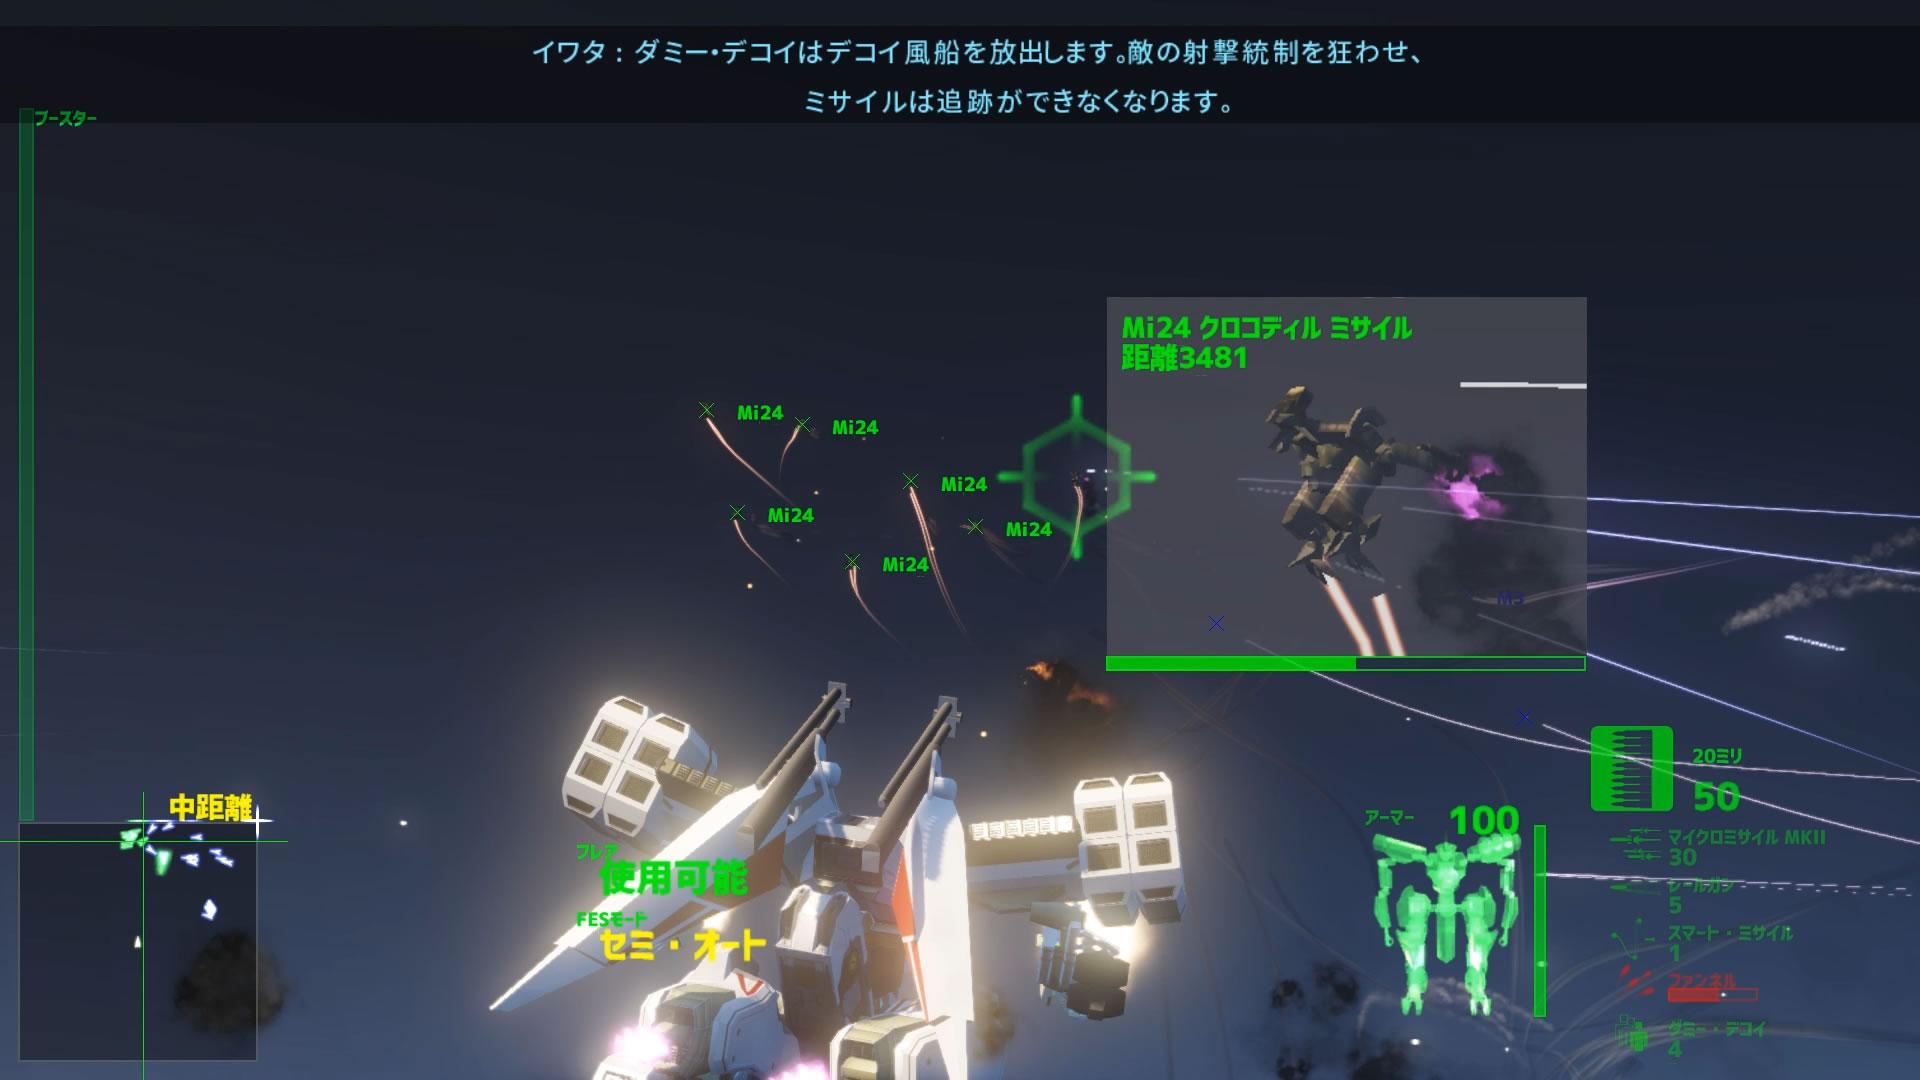 攻撃兵器だけでなく、デコイやフレアも登場する。ちなみにグリーンの文字で表示されるのは敵機。